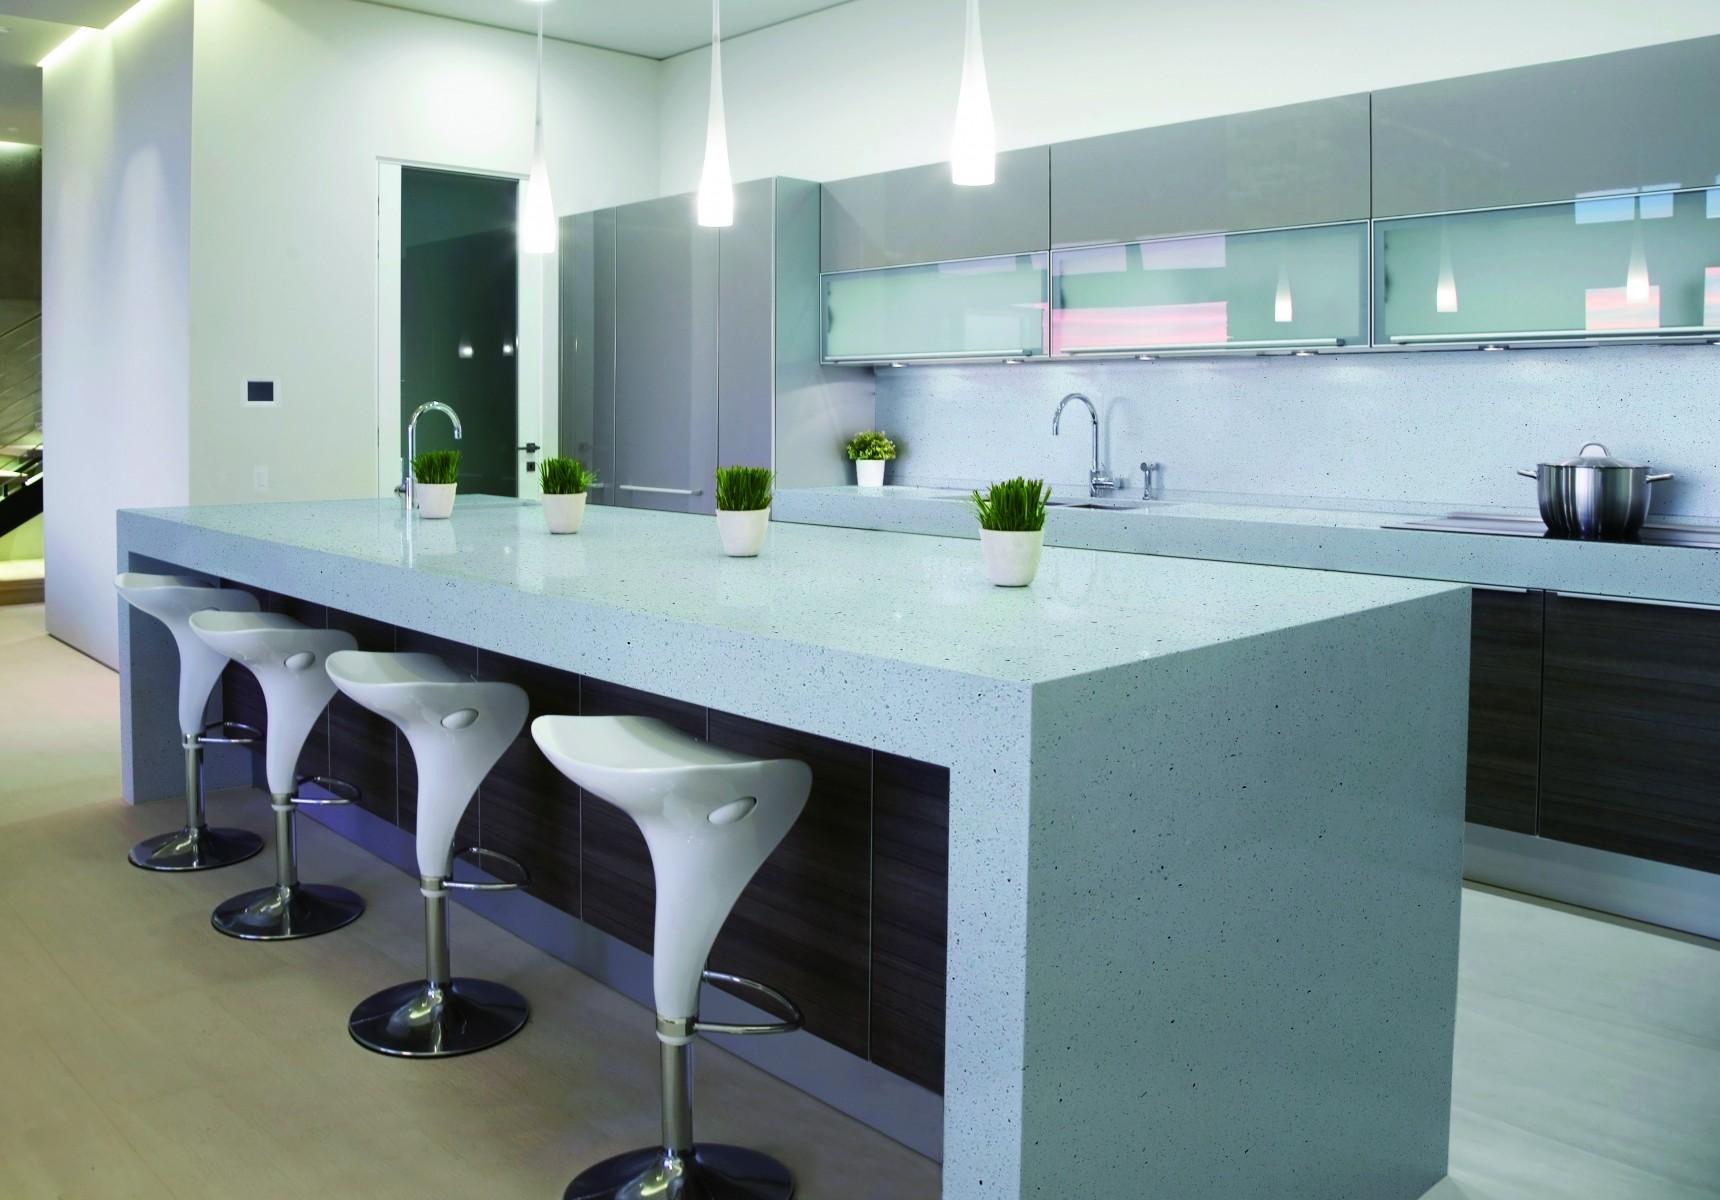 crl quatz kitchen worktops 1